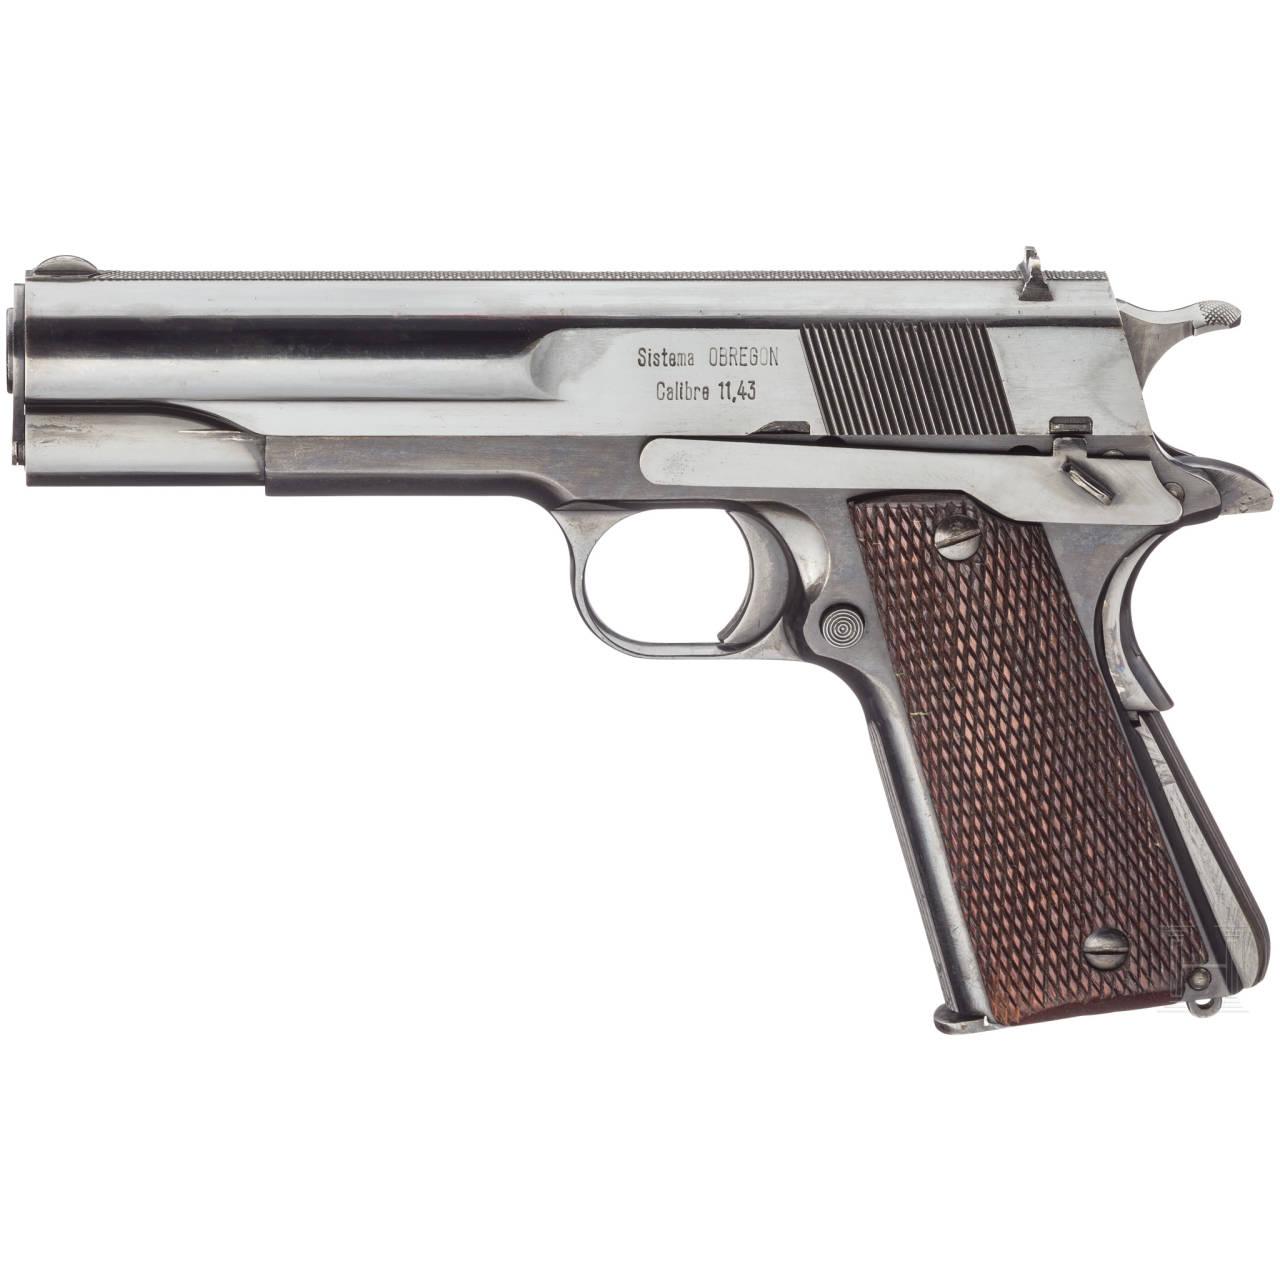 Pistole Obregon